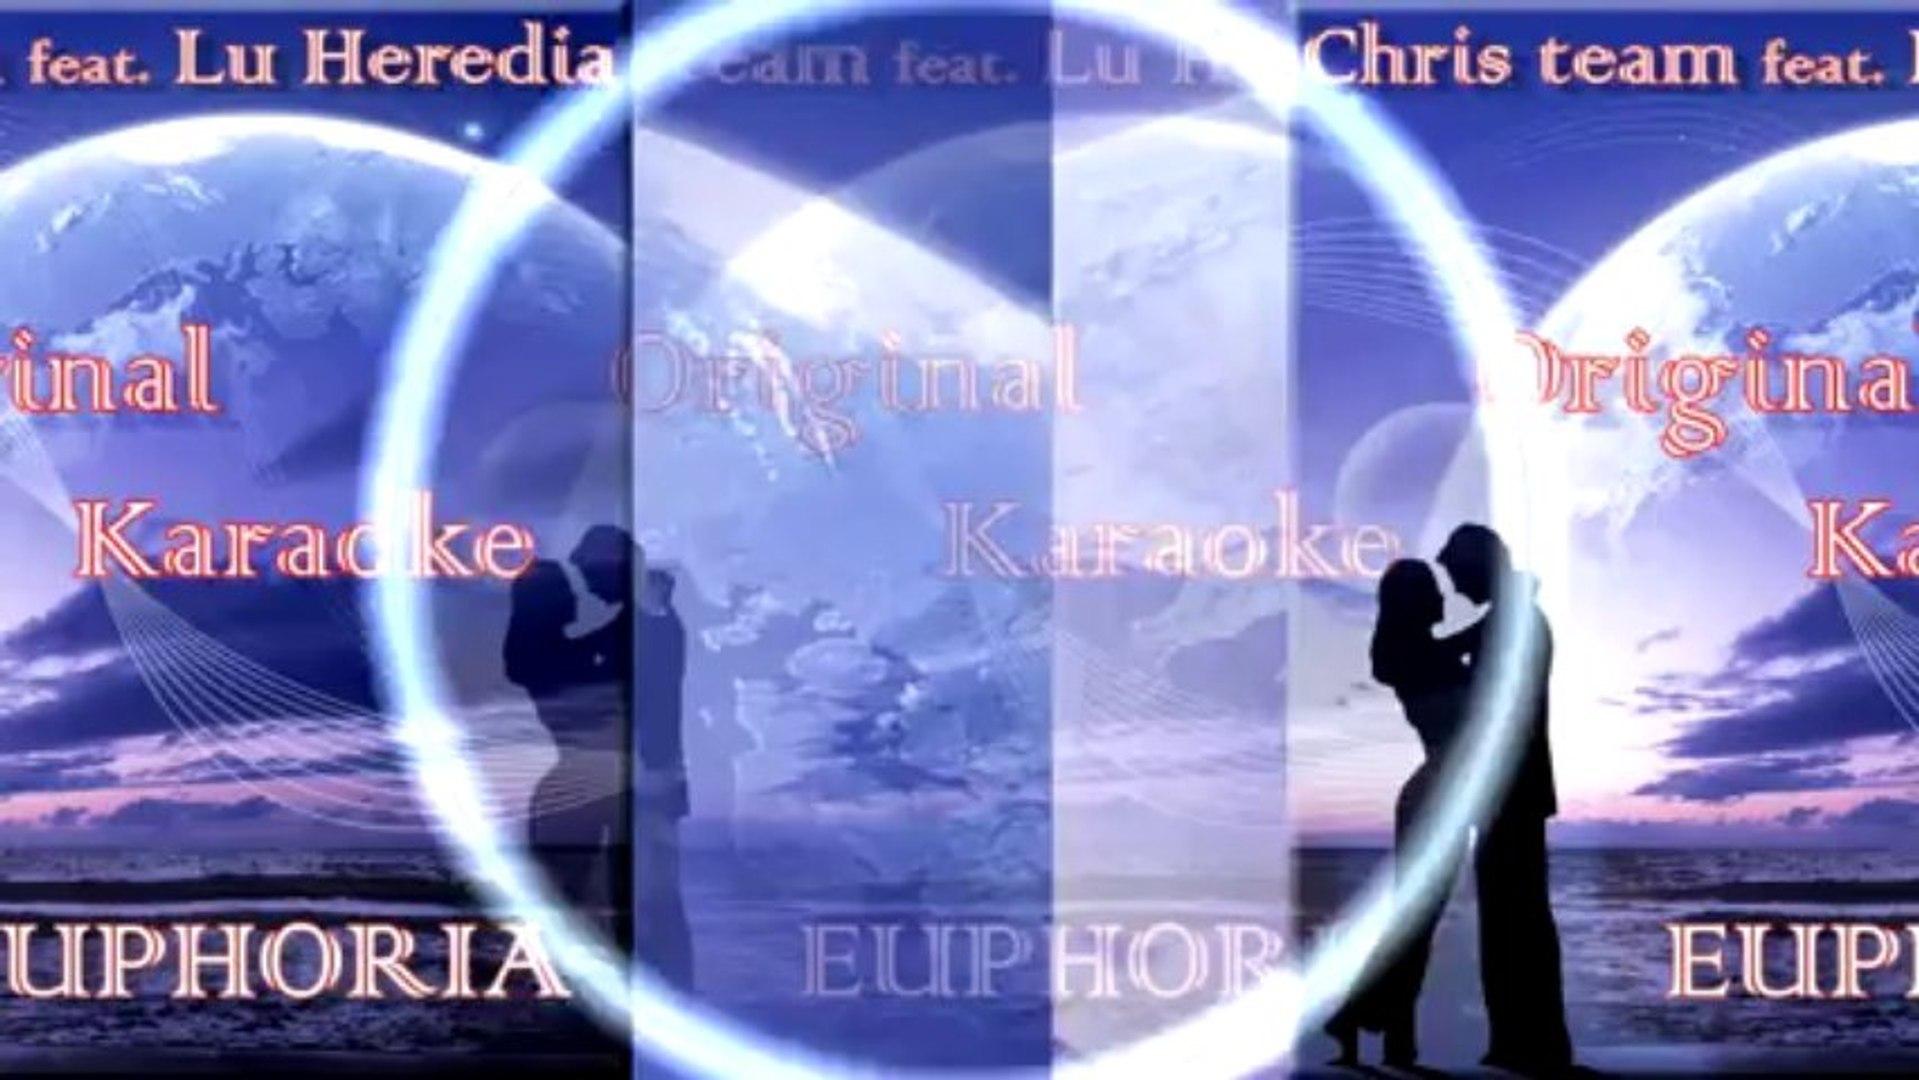 Chris Team Feat. Lu Heredia - Euphoria Original Karaoke Tribute to Loreen